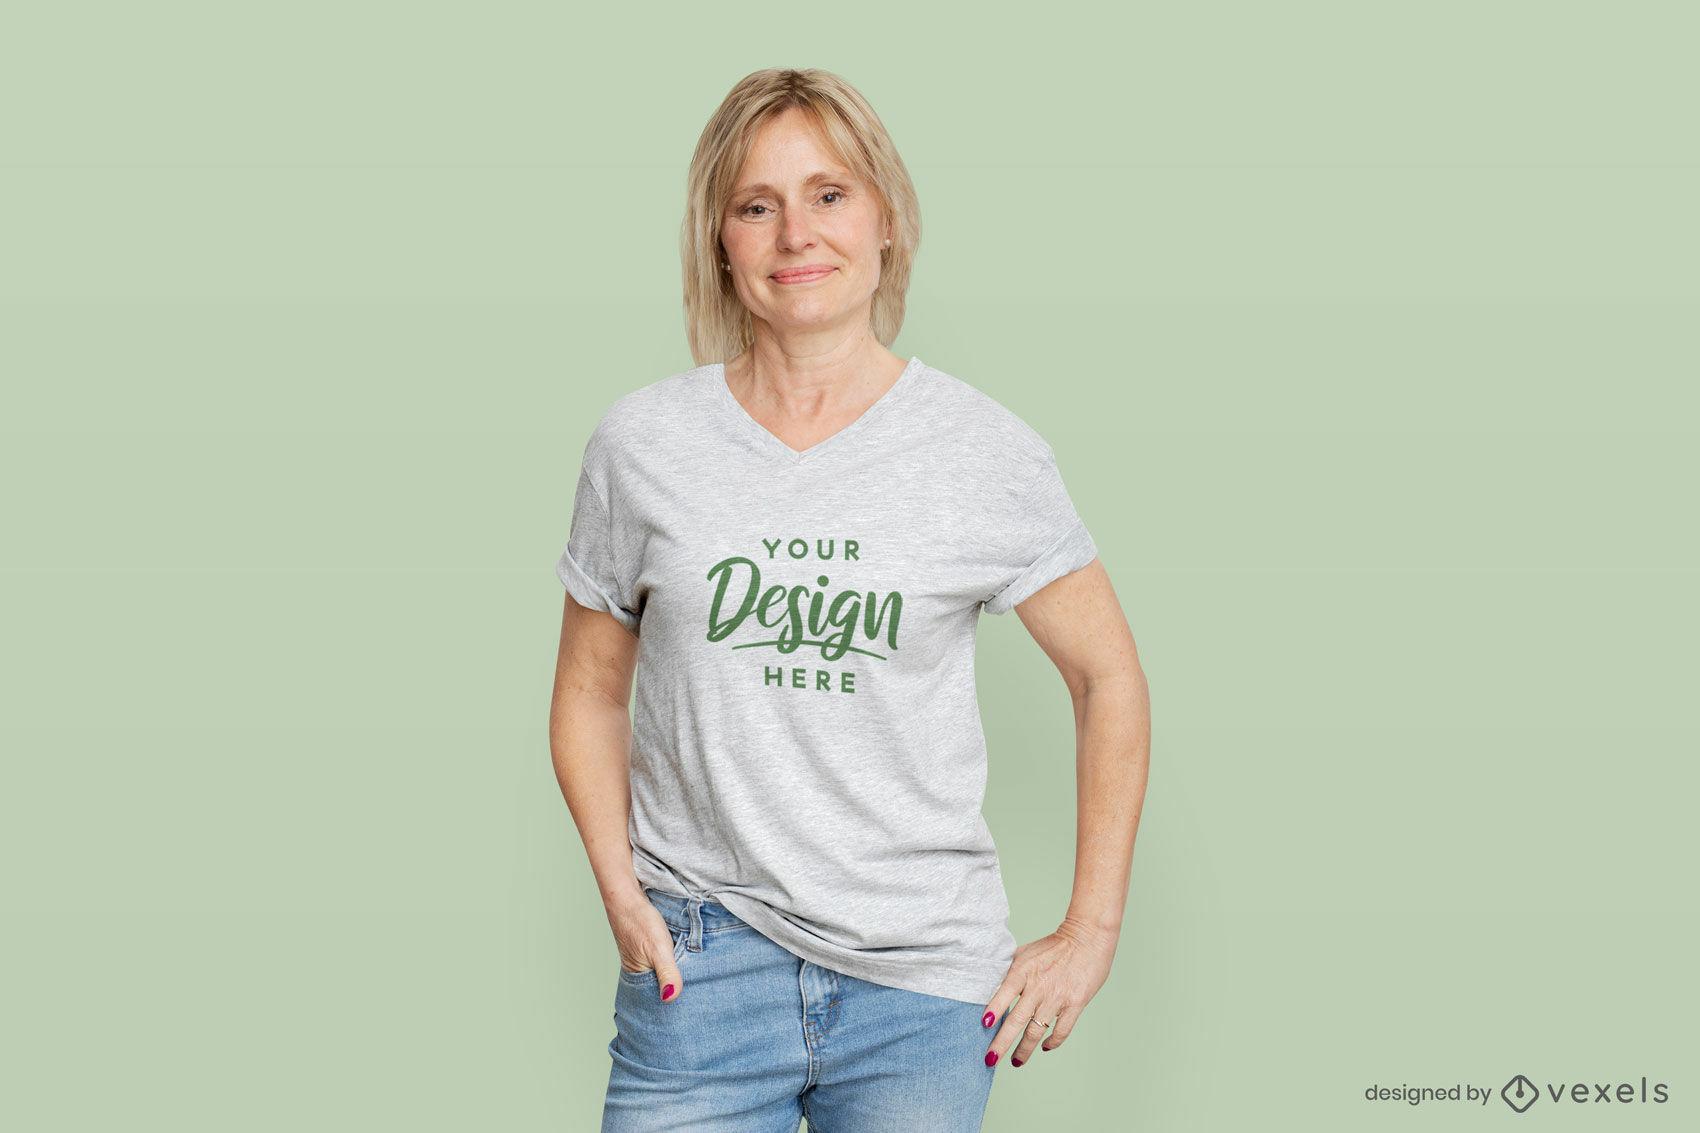 Wei?es T-Shirt des weiblichen Modells flaches Hintergrundmodell